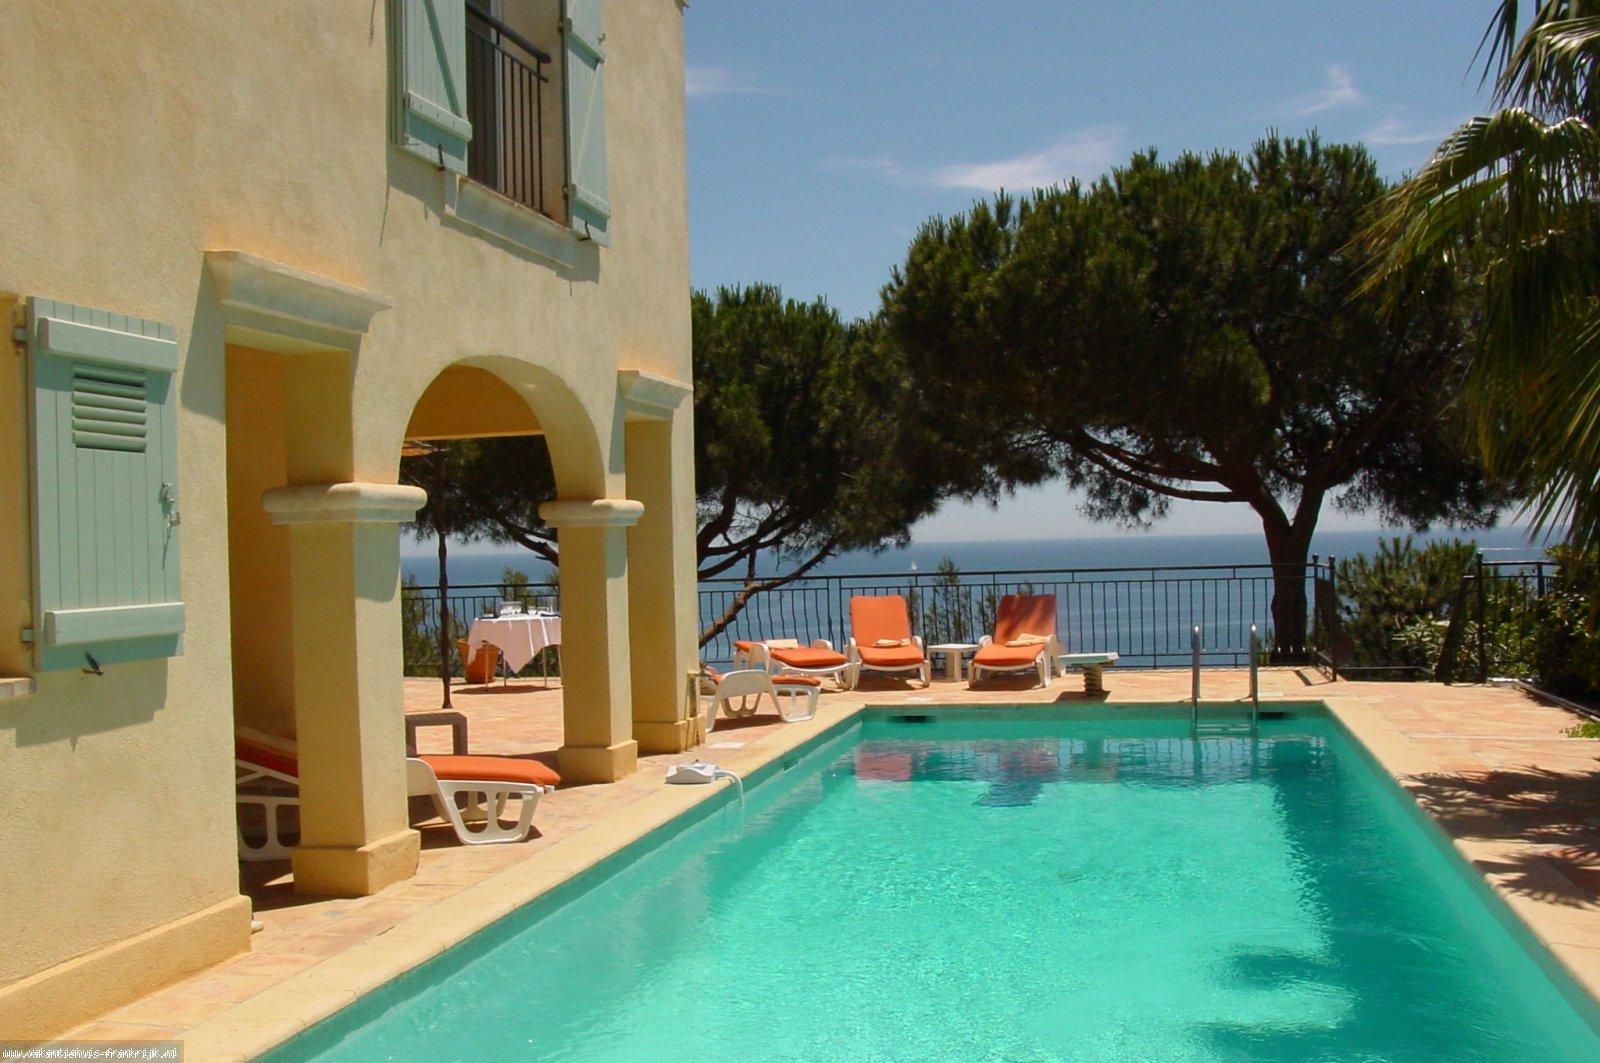 Vakantiehuis: Zeer ruim huis met mooi zeezicht te huur voor uw vakantie in Var (Frankrijk)